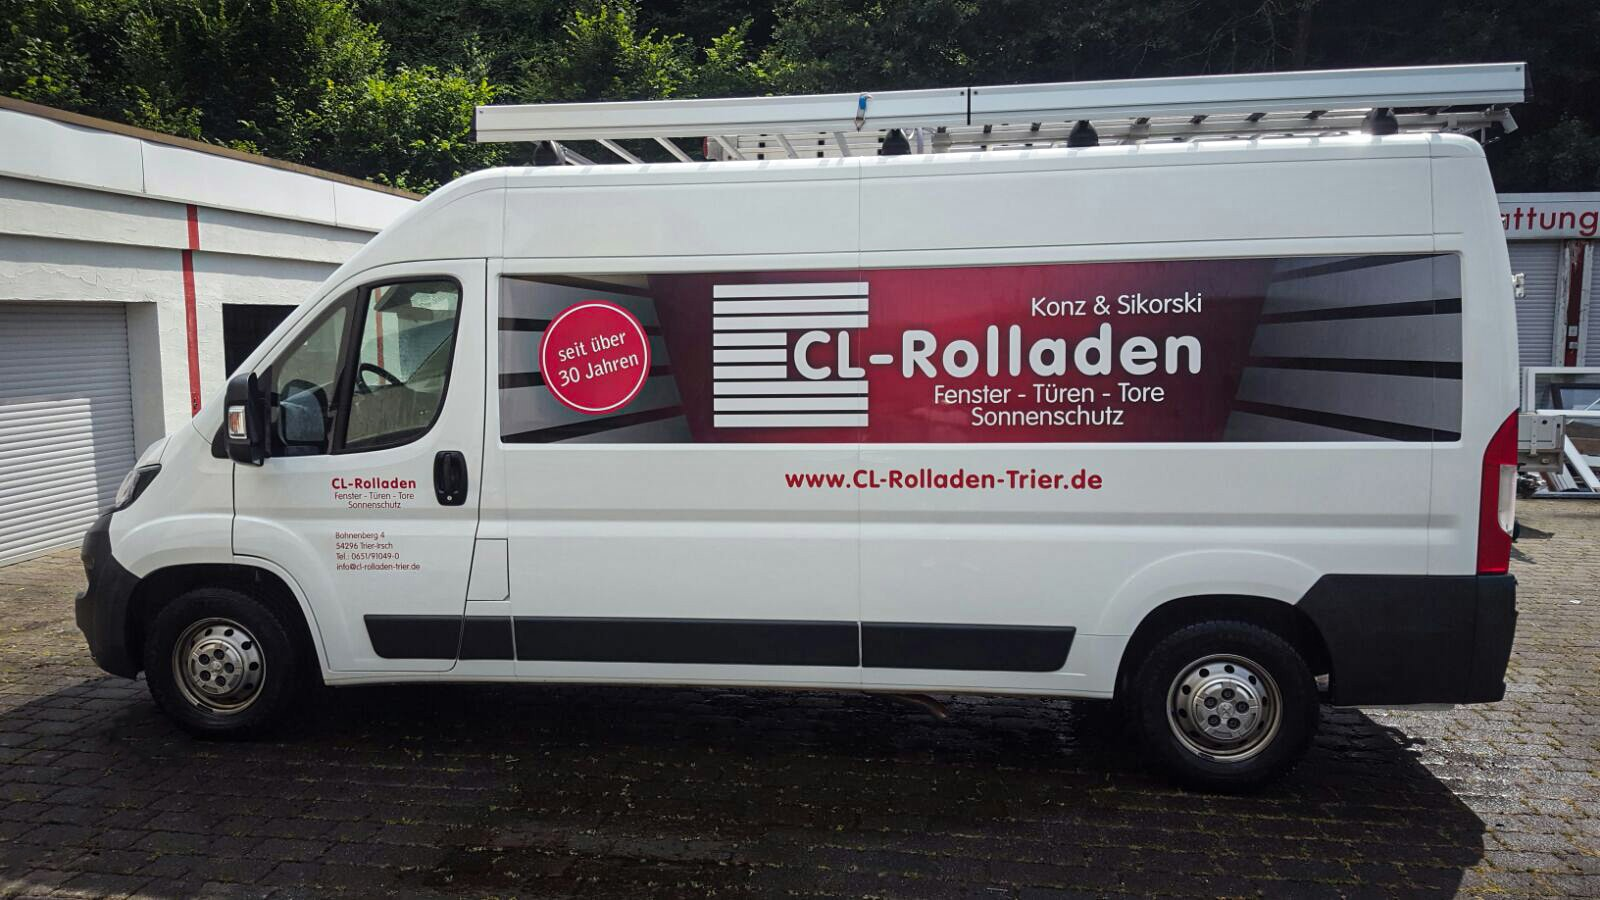 CL-Rolladen - Fahrzeugbeschriftung